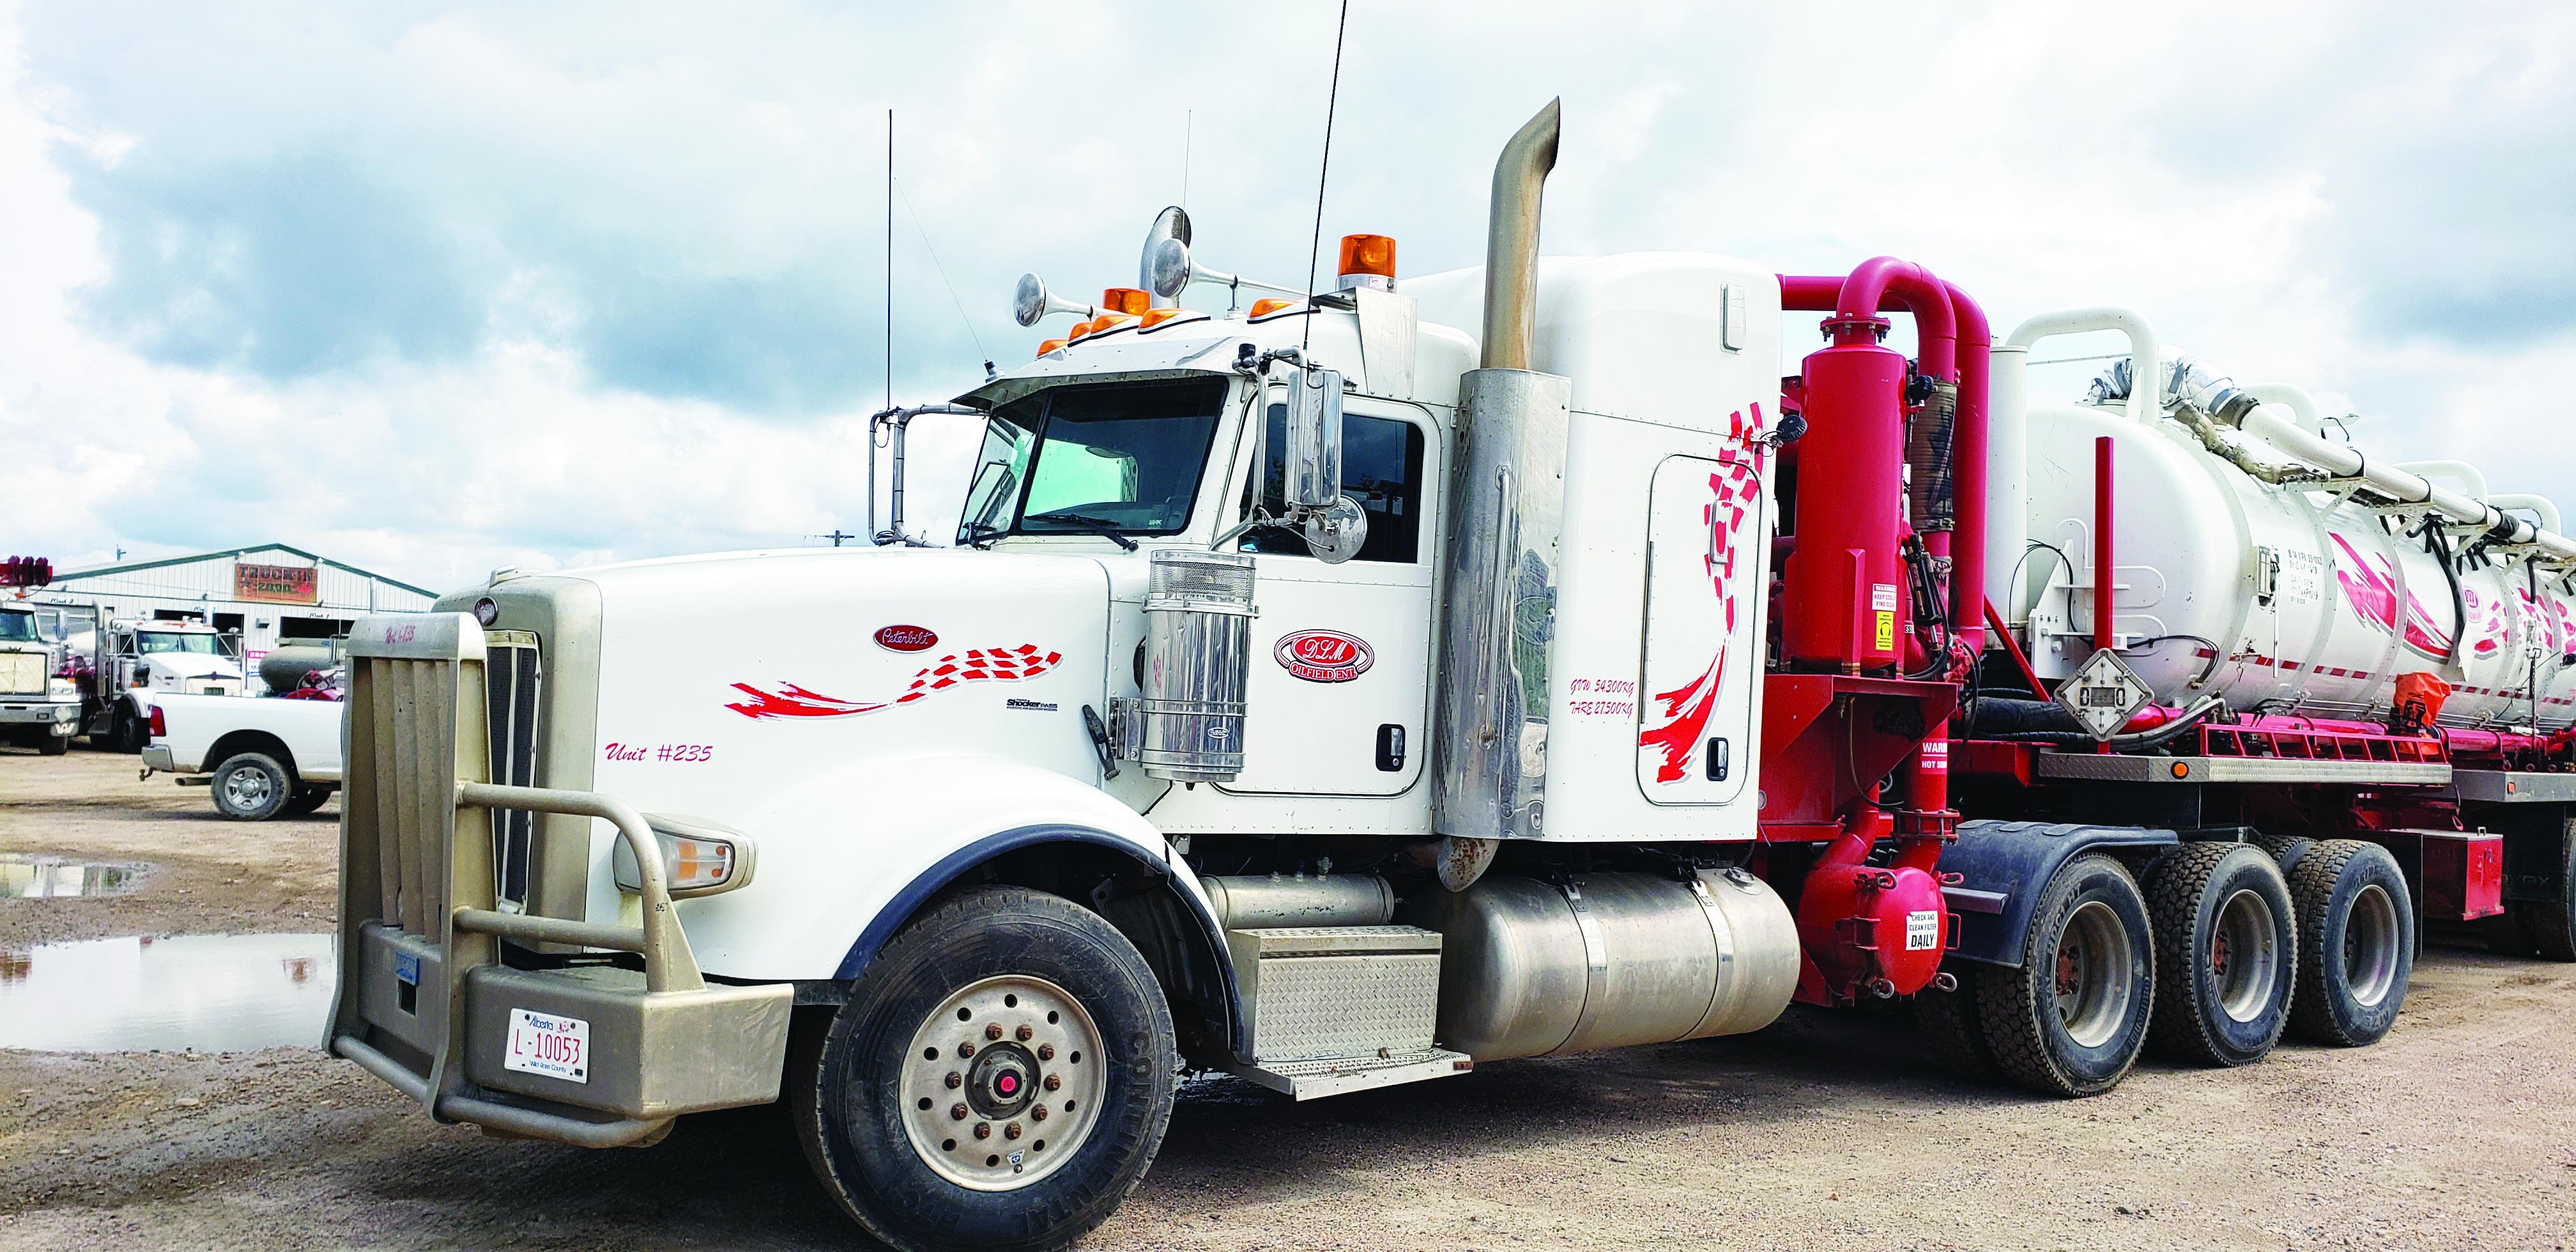 2015 PETERBILT Tri-Axle Semi-Vac Truck (27 Available)